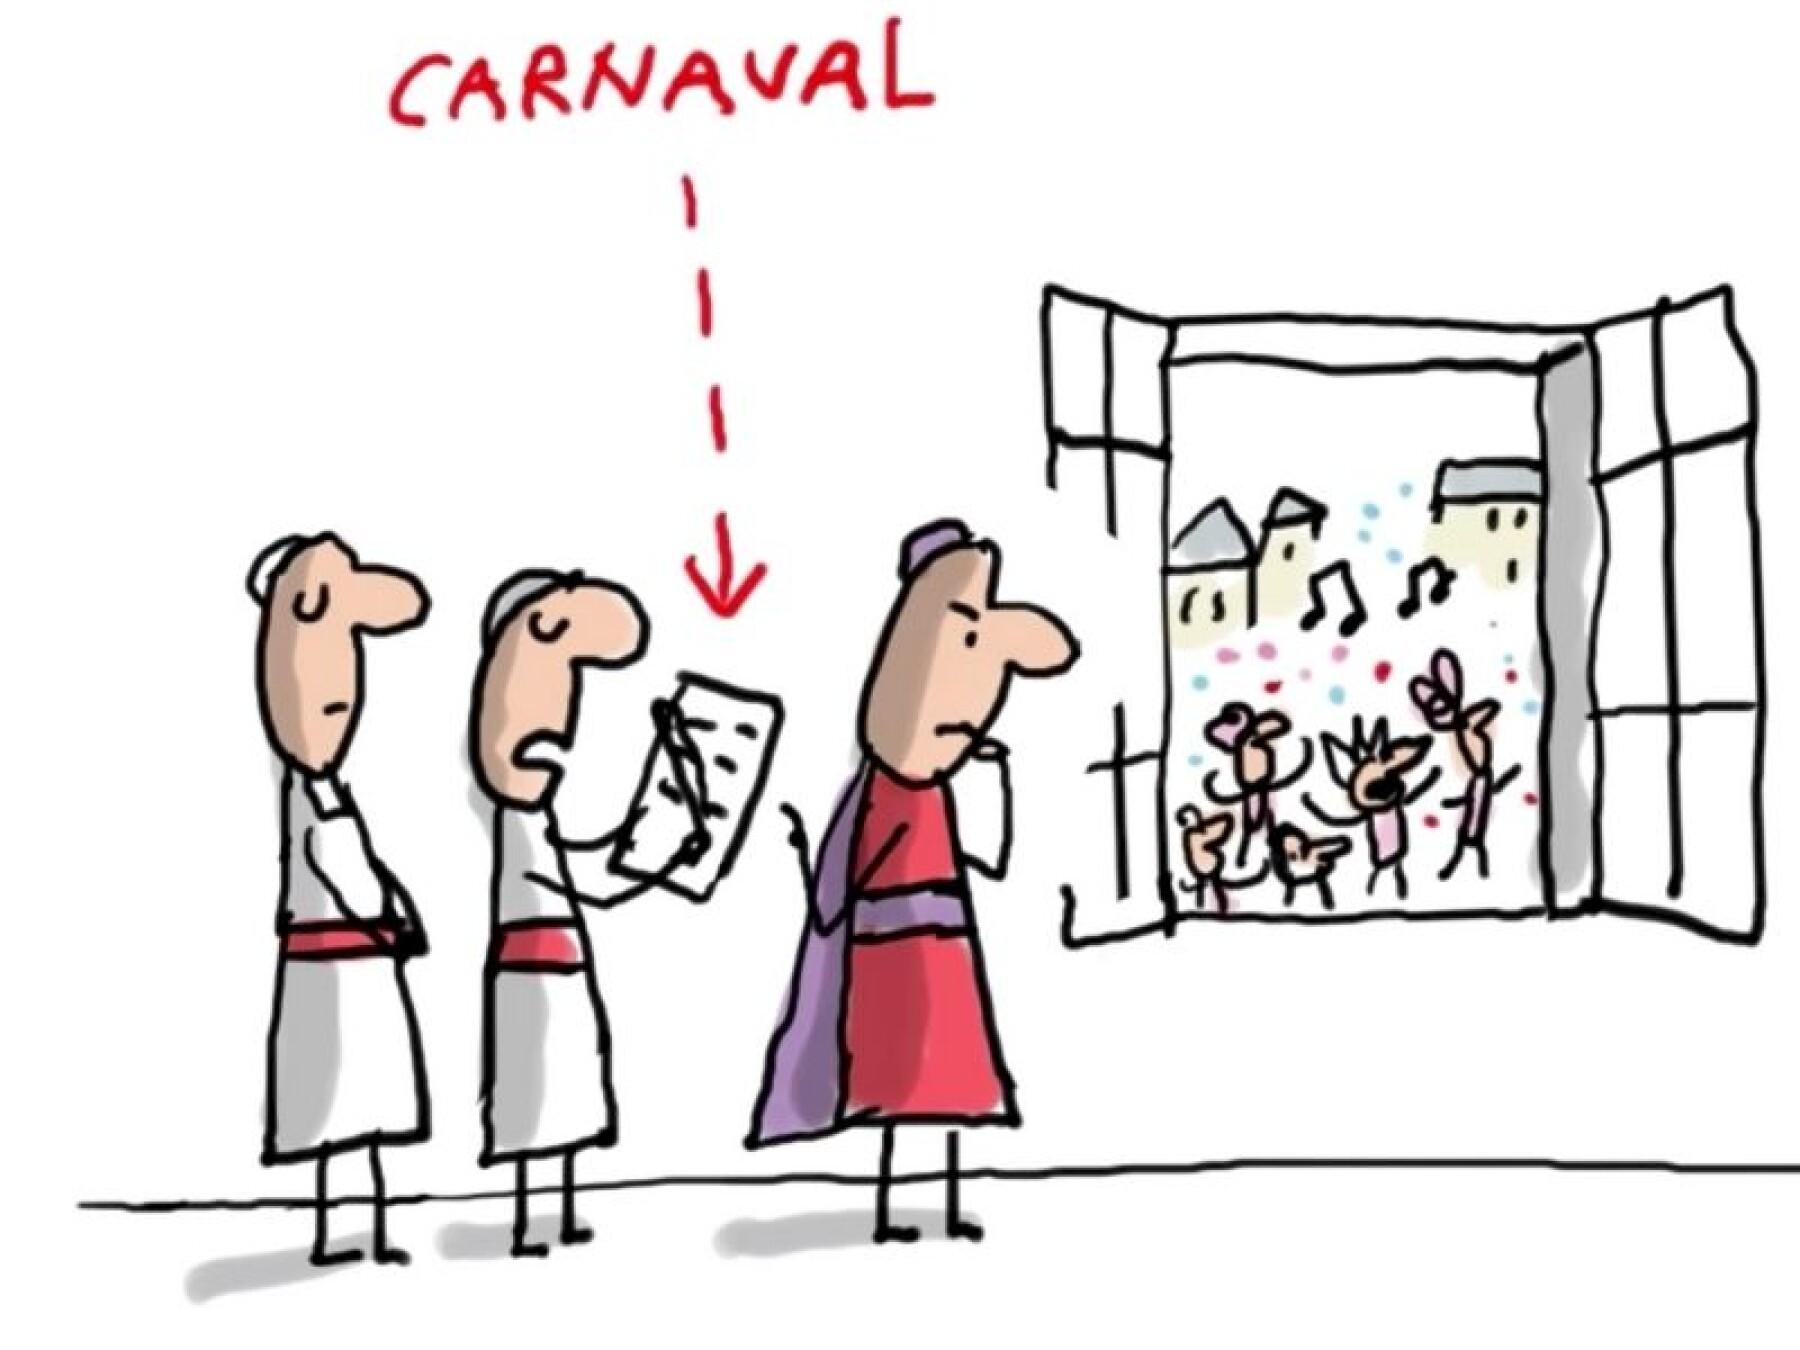 Qui a inventé le carnaval ?